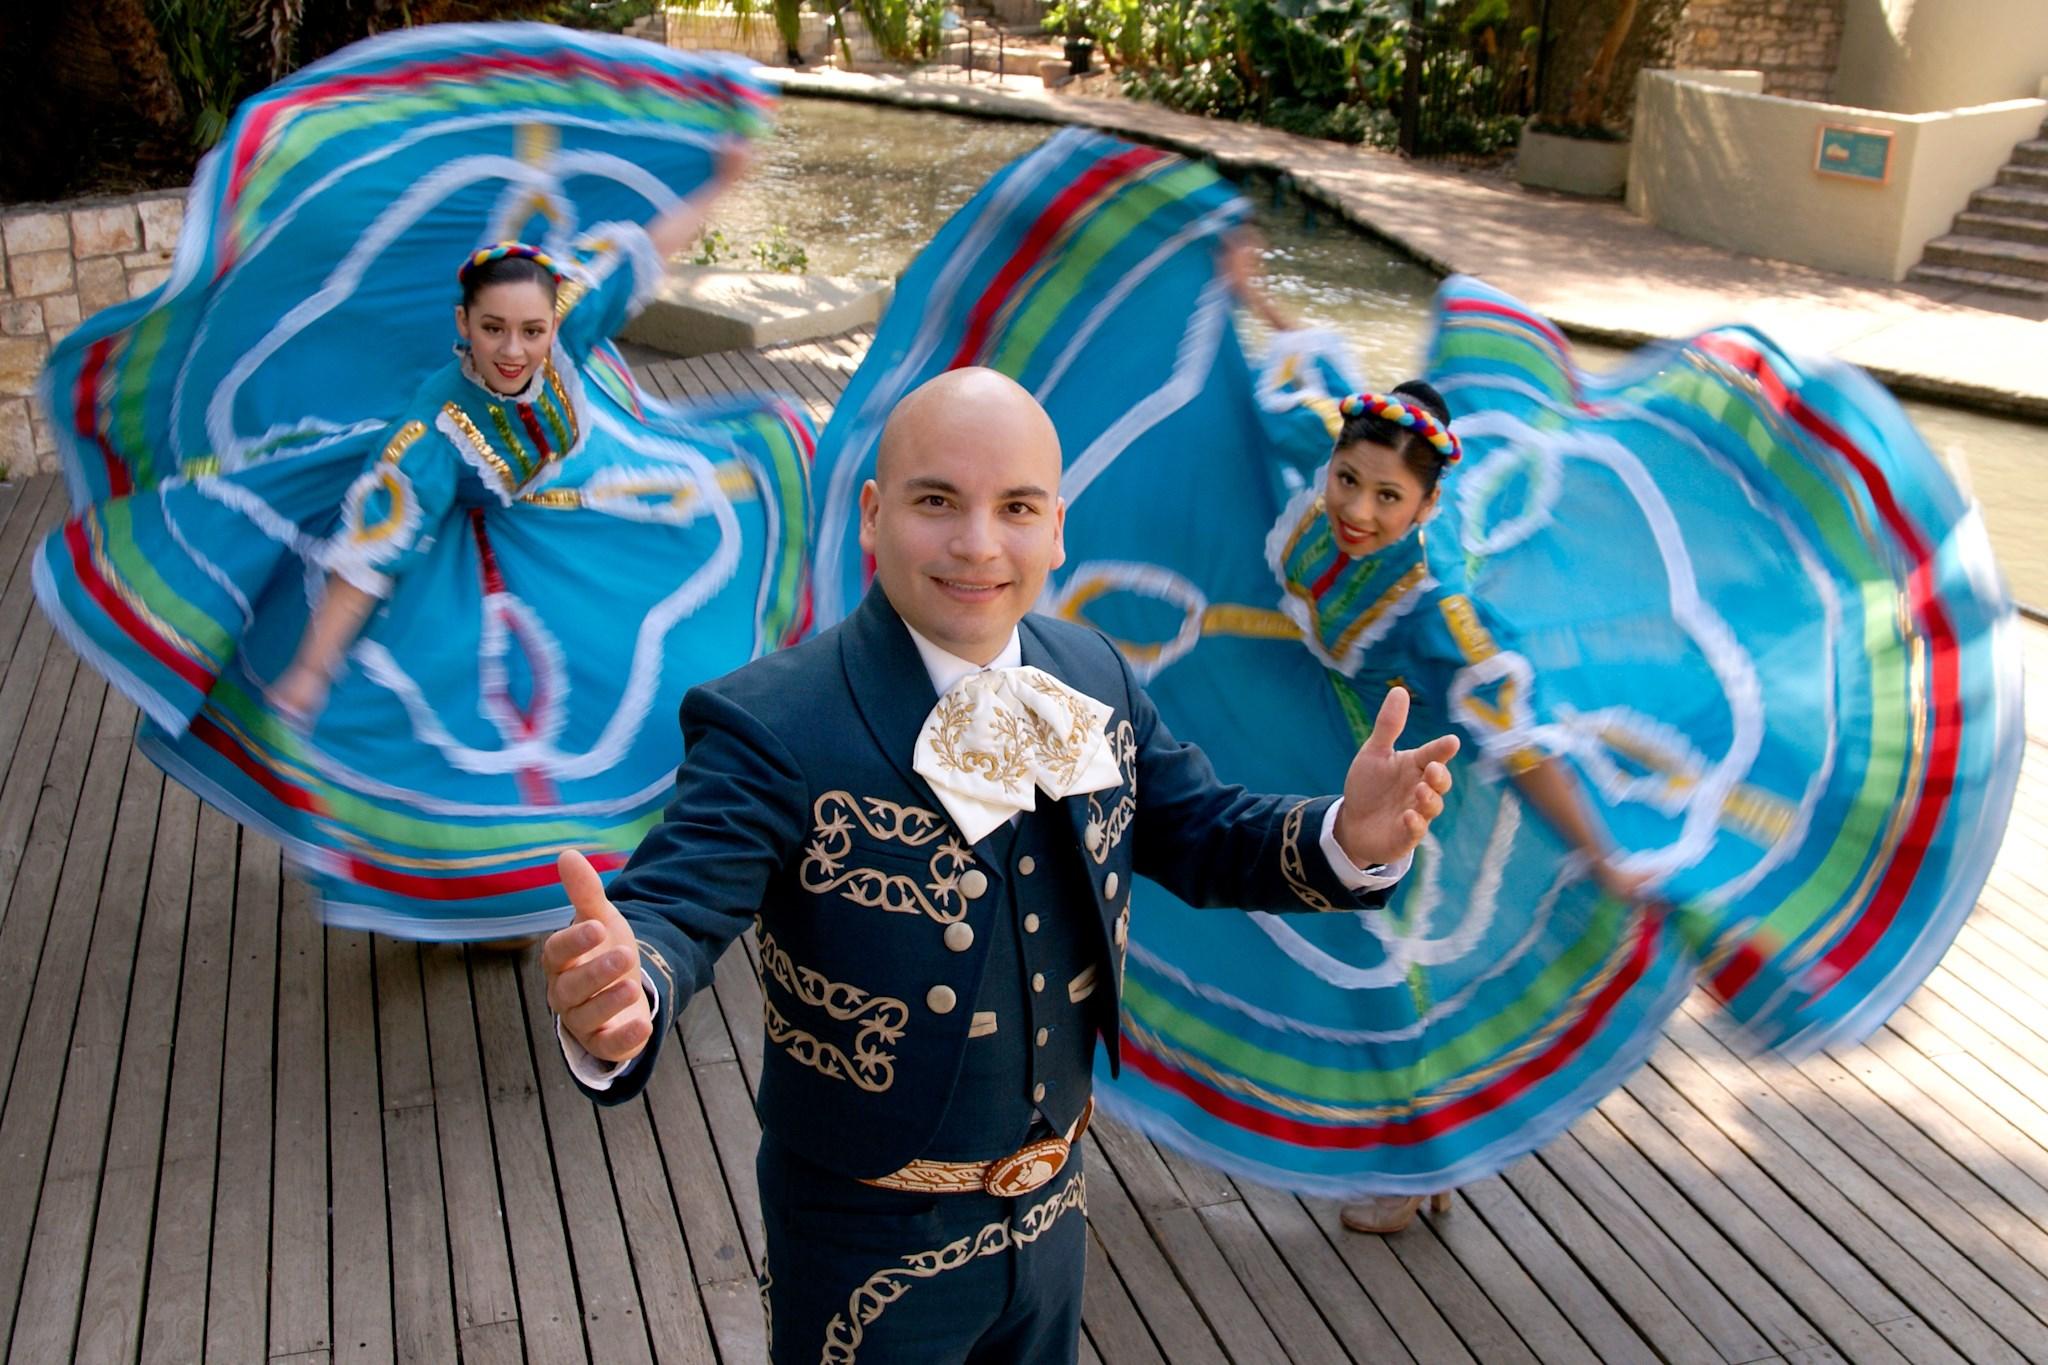 Dancers celebrate a Mexican festival in San Antonio.